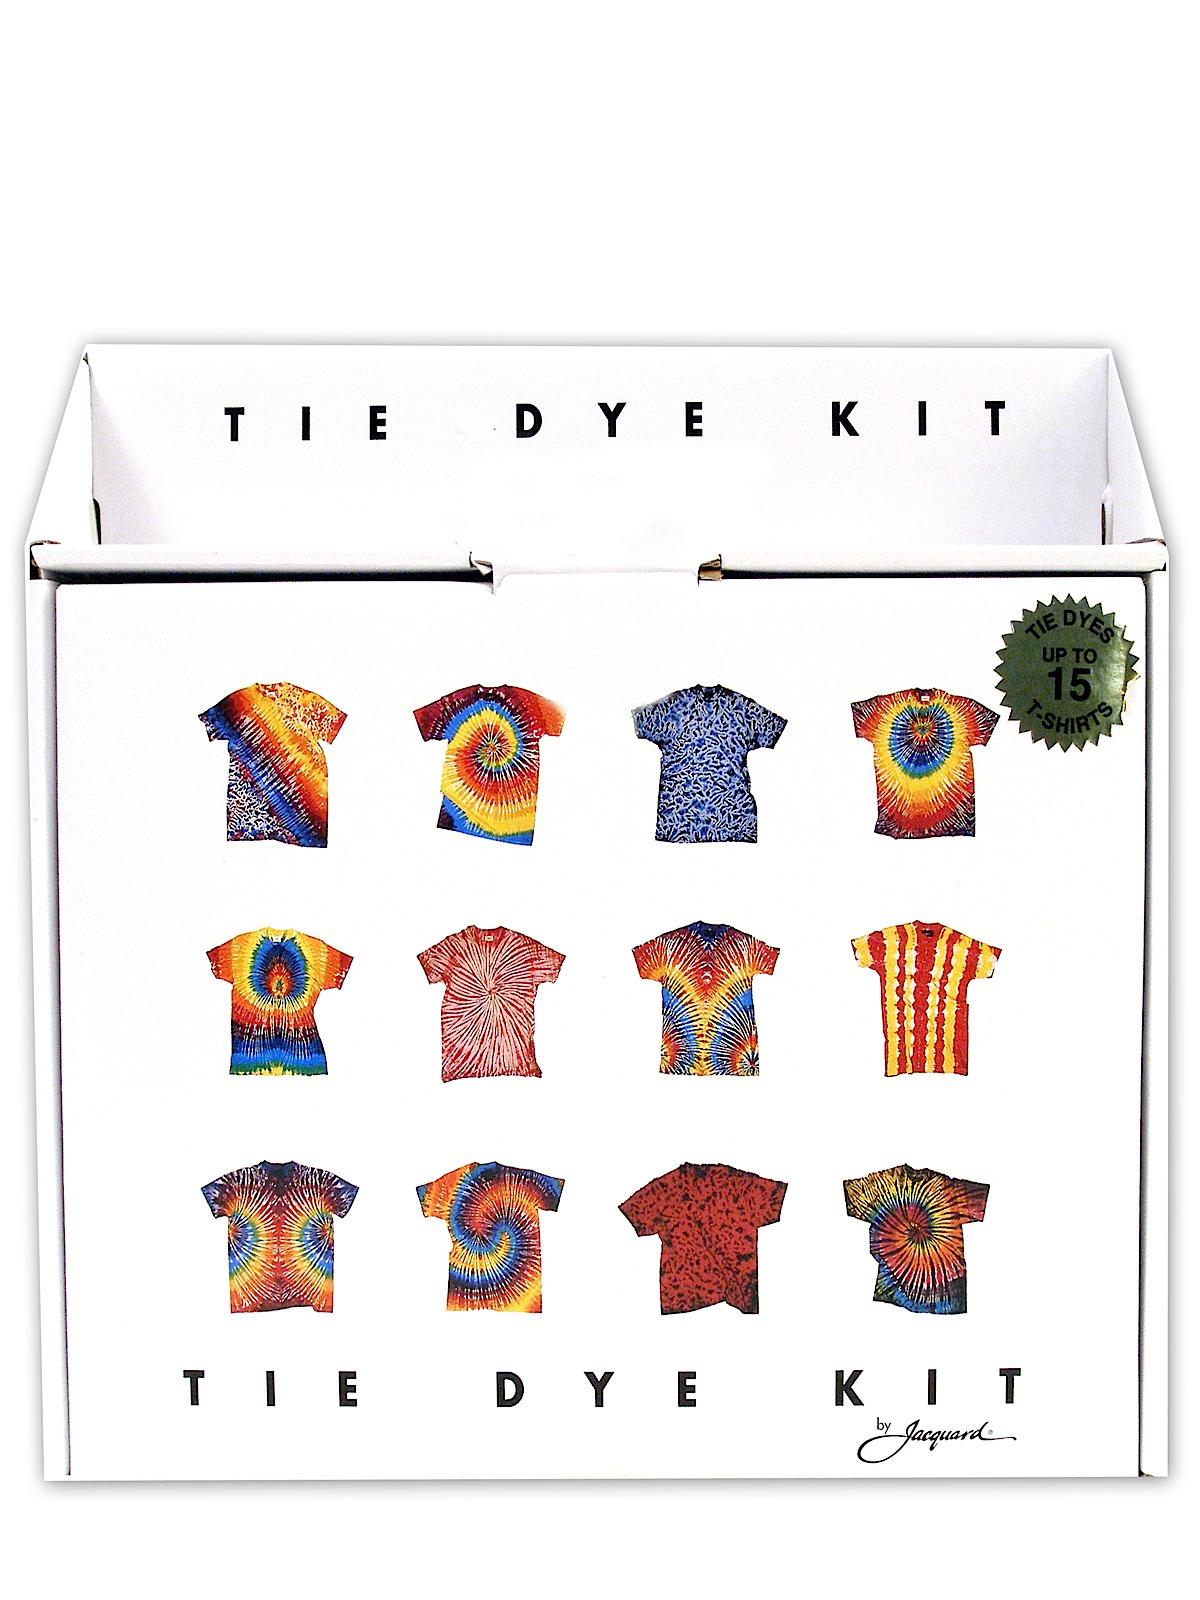 Jacquard - Tie Dye Kit